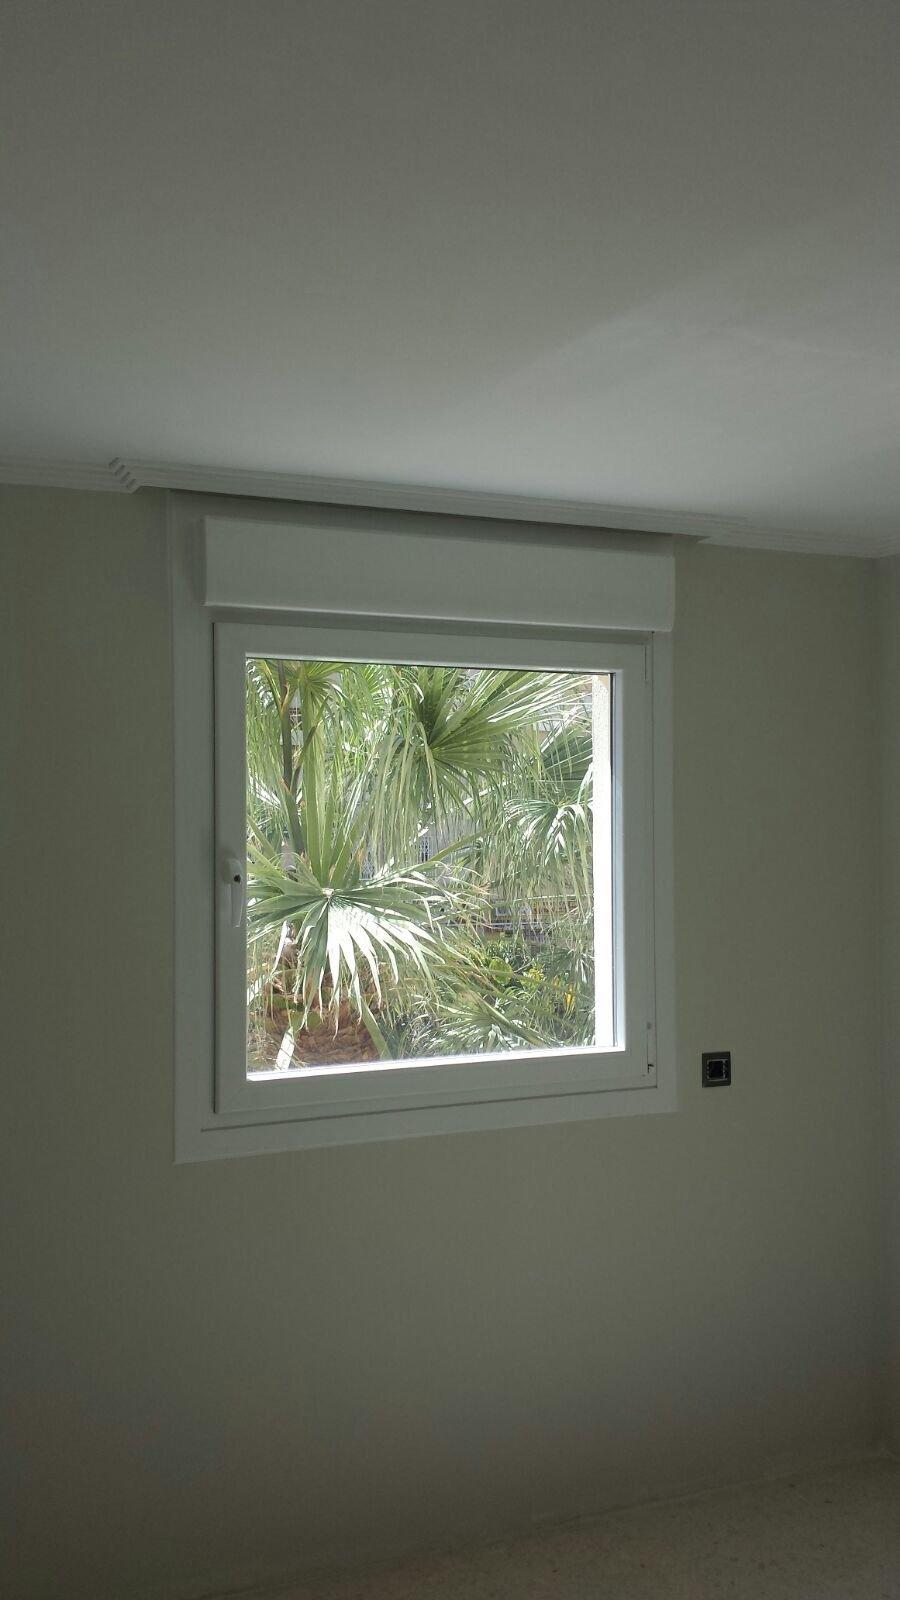 Instalación de ventana oscilobatiente